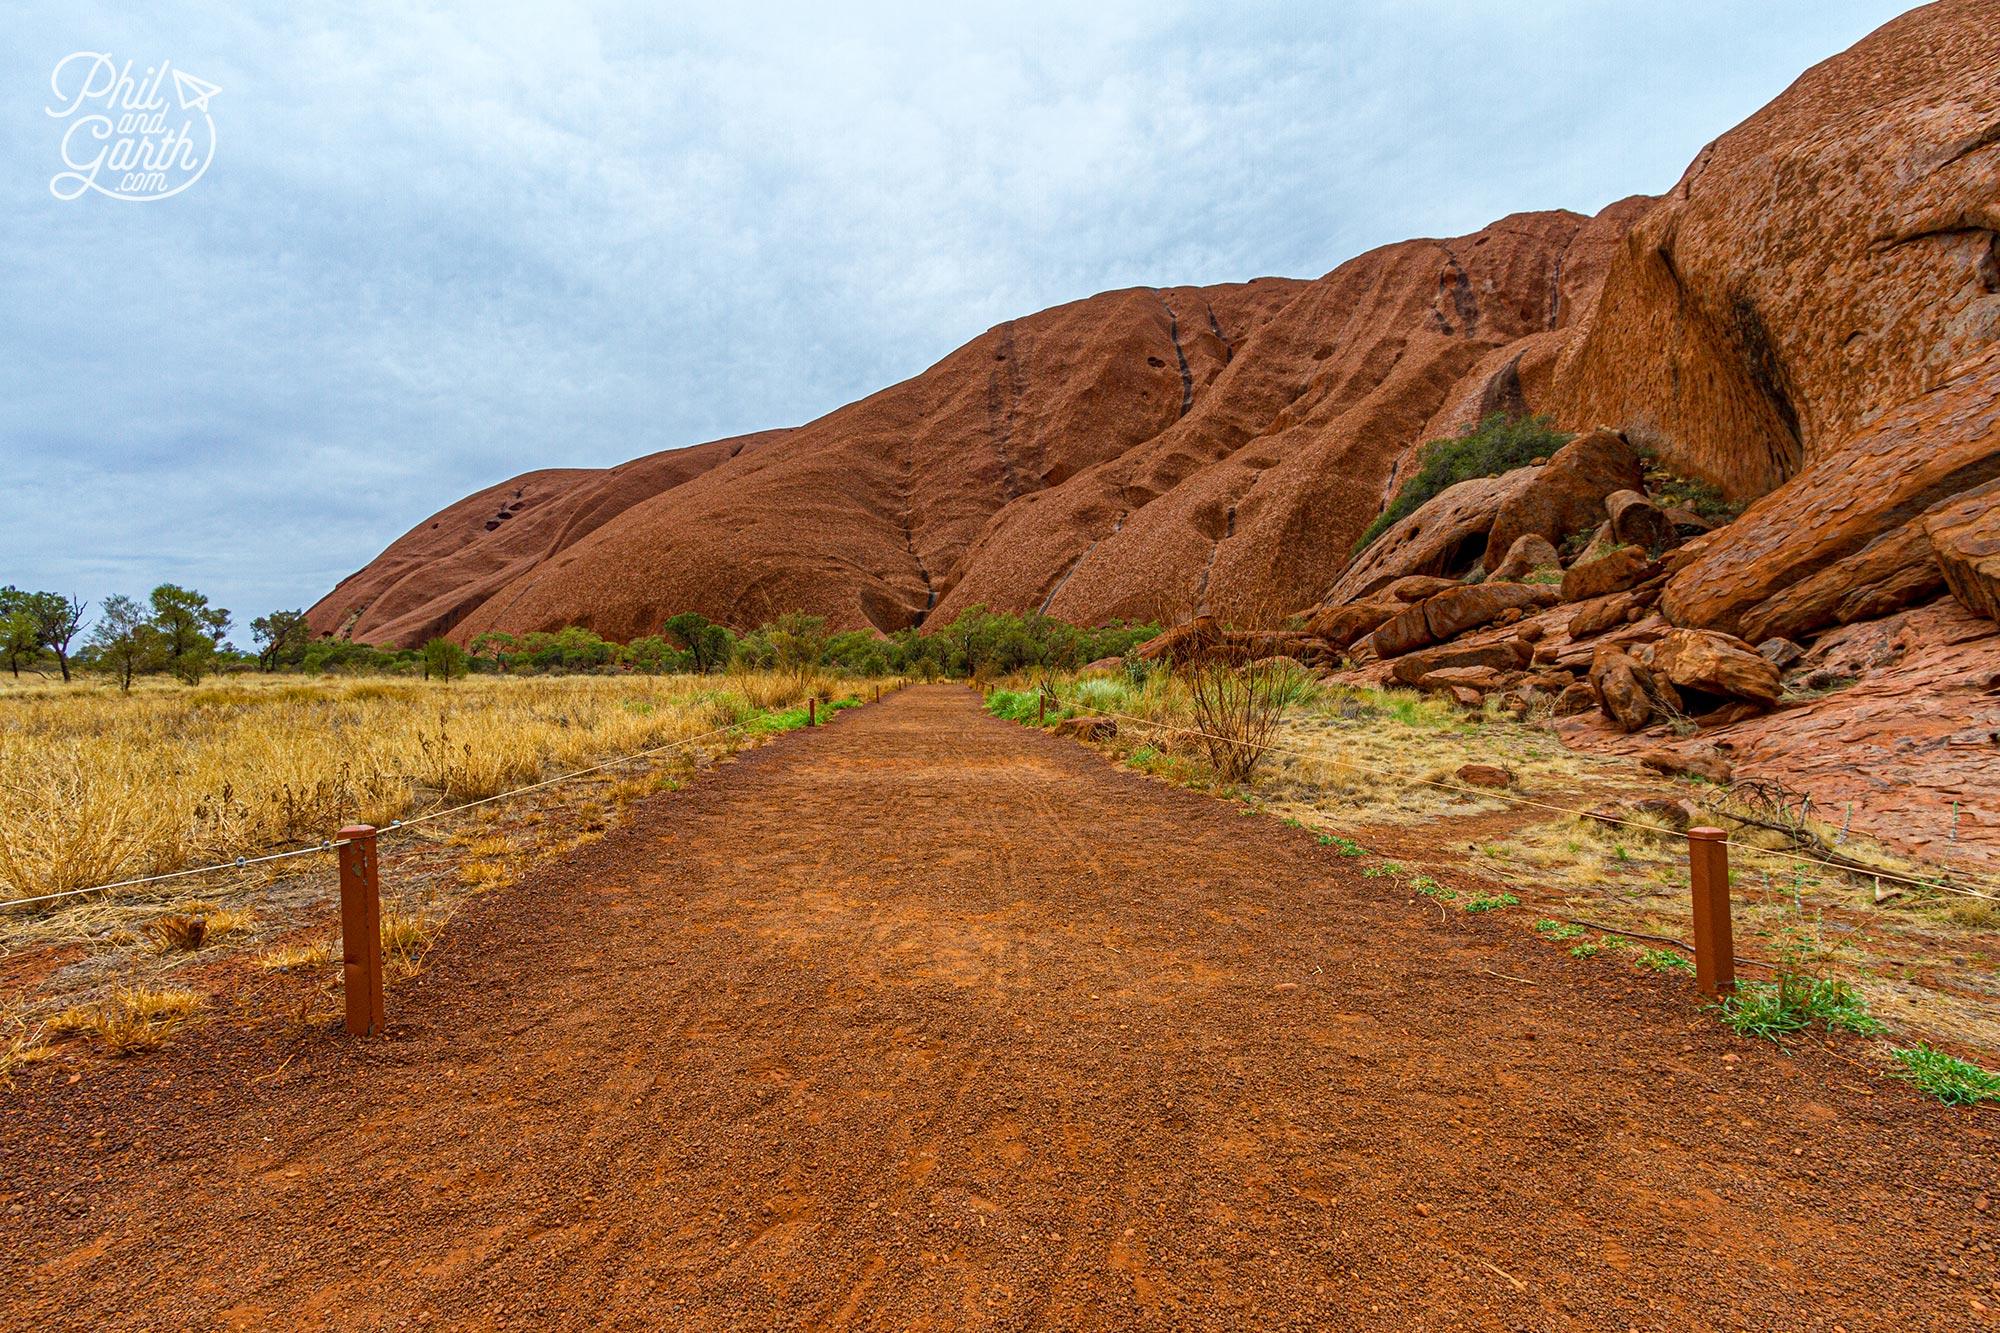 The start of the Uluru base walk